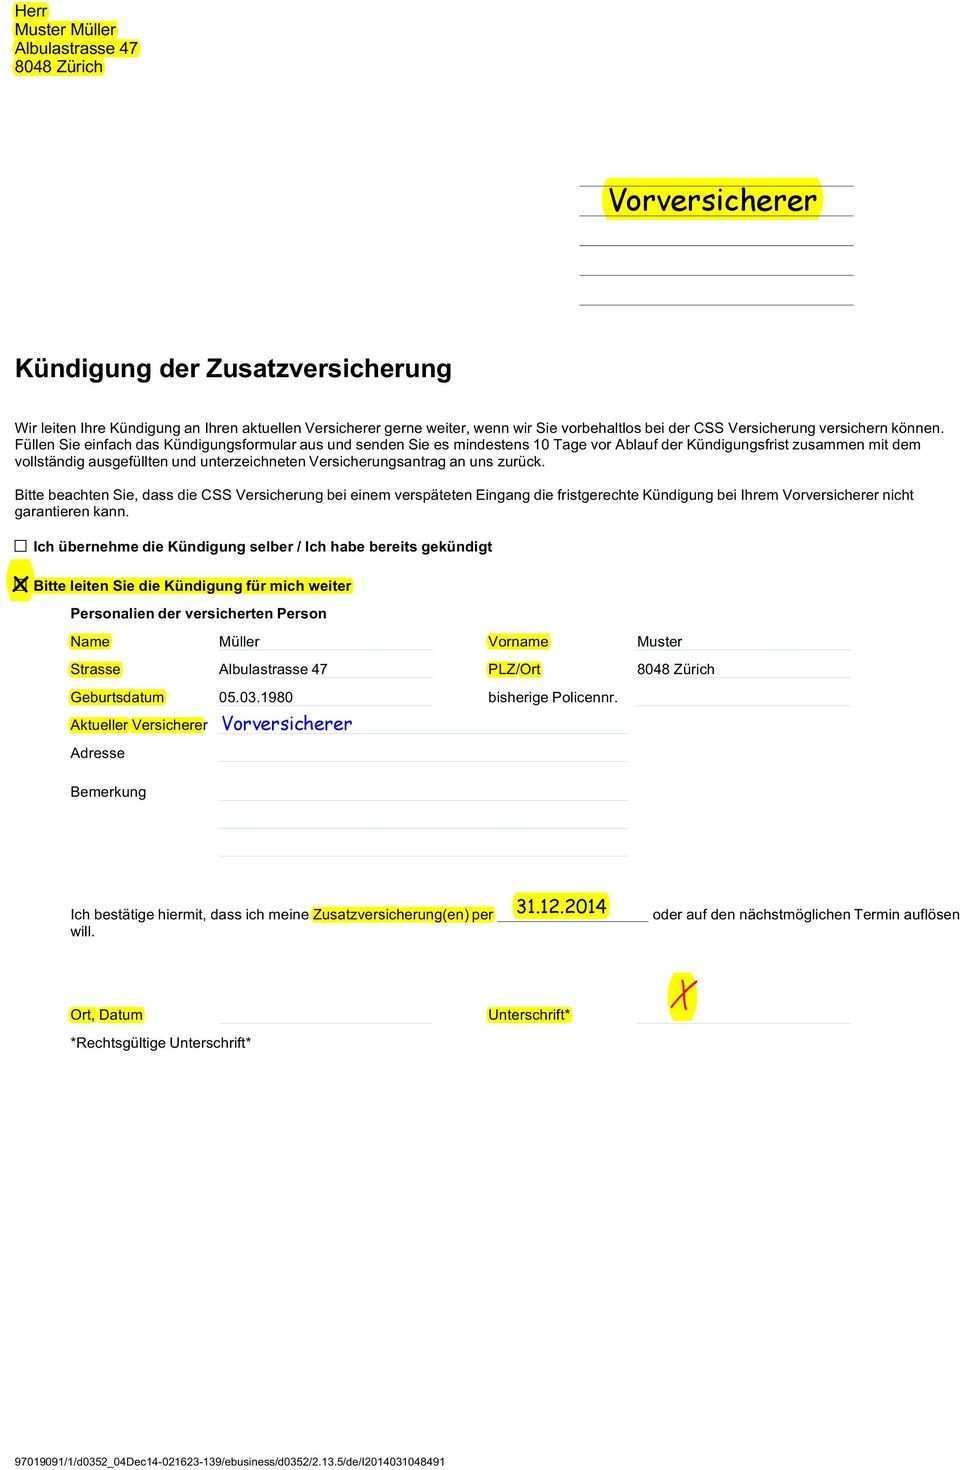 Personalienblatt Vorname Name Von Berater Durch Den Antragssteller Vollstandig Auszufullen Ubs Bank F Pdf Kostenfreier Download